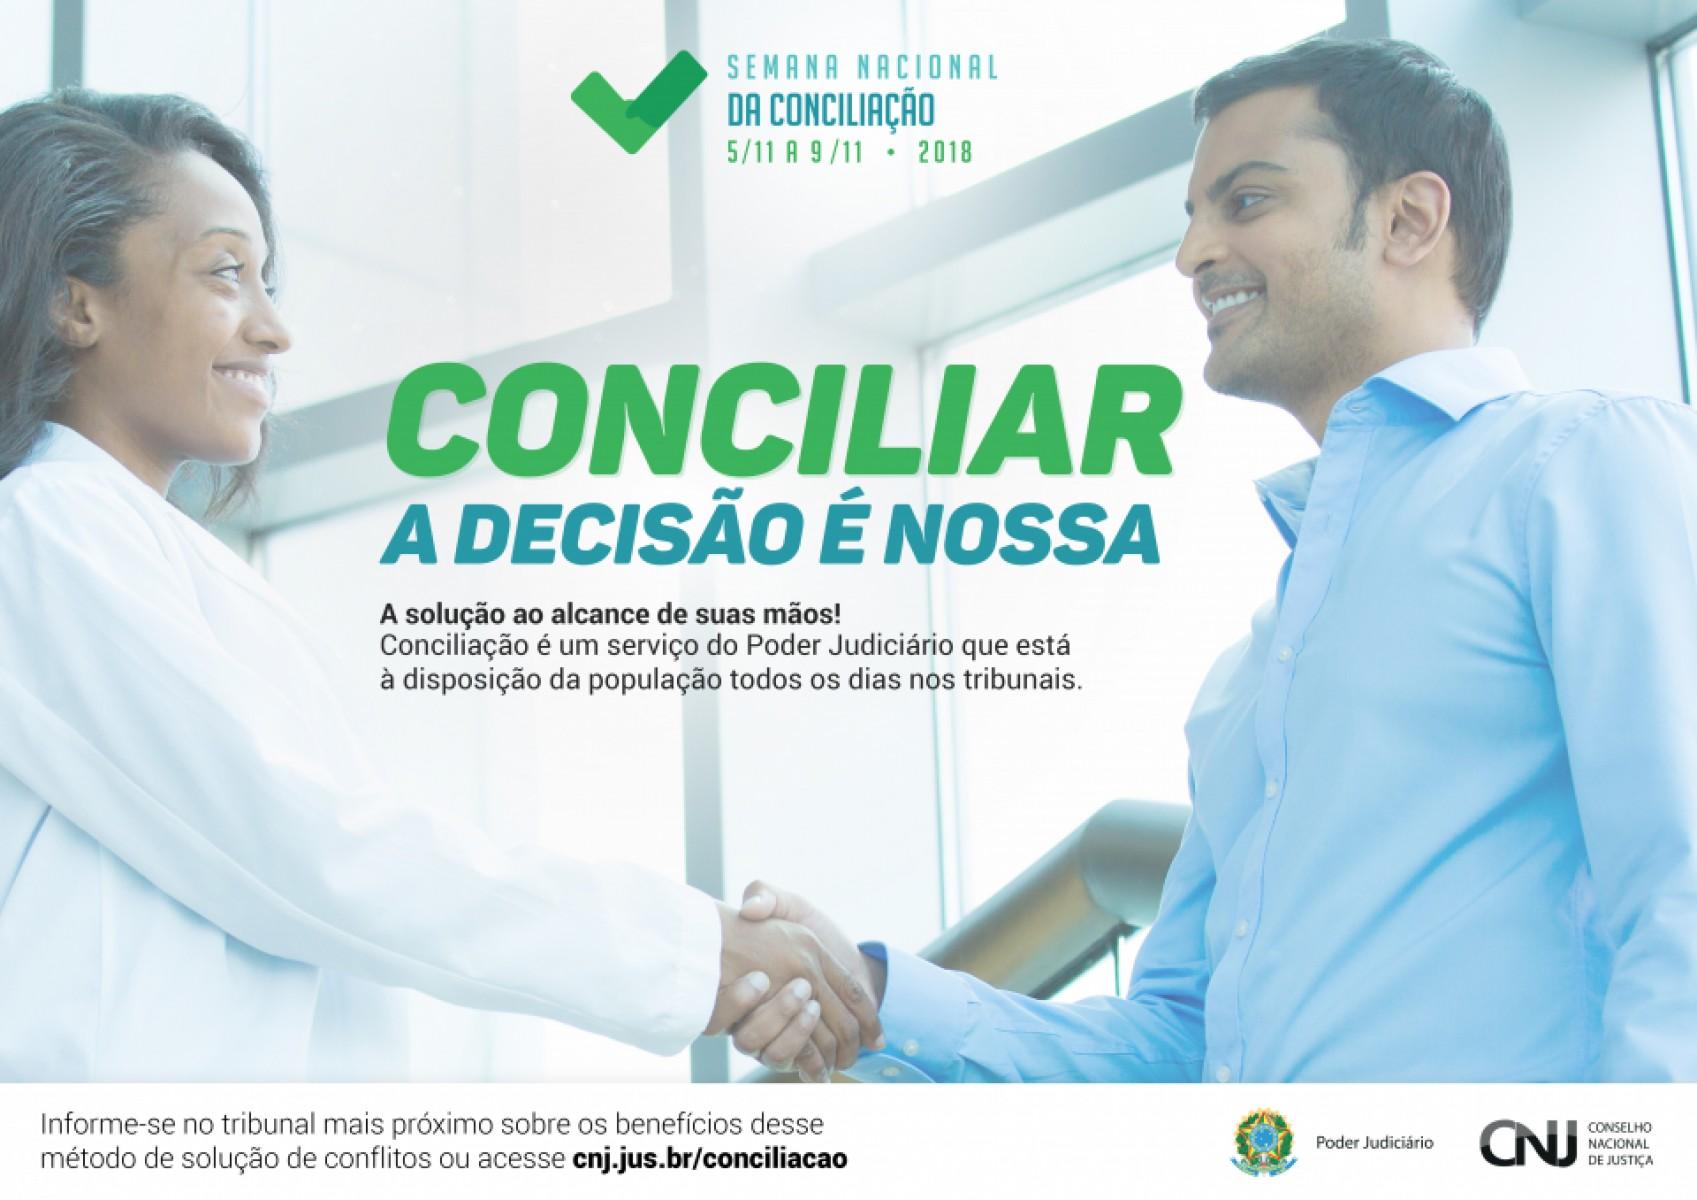 TJRN realiza 12ª Semana Nacional de Conciliação de 5 a 9 de novembro